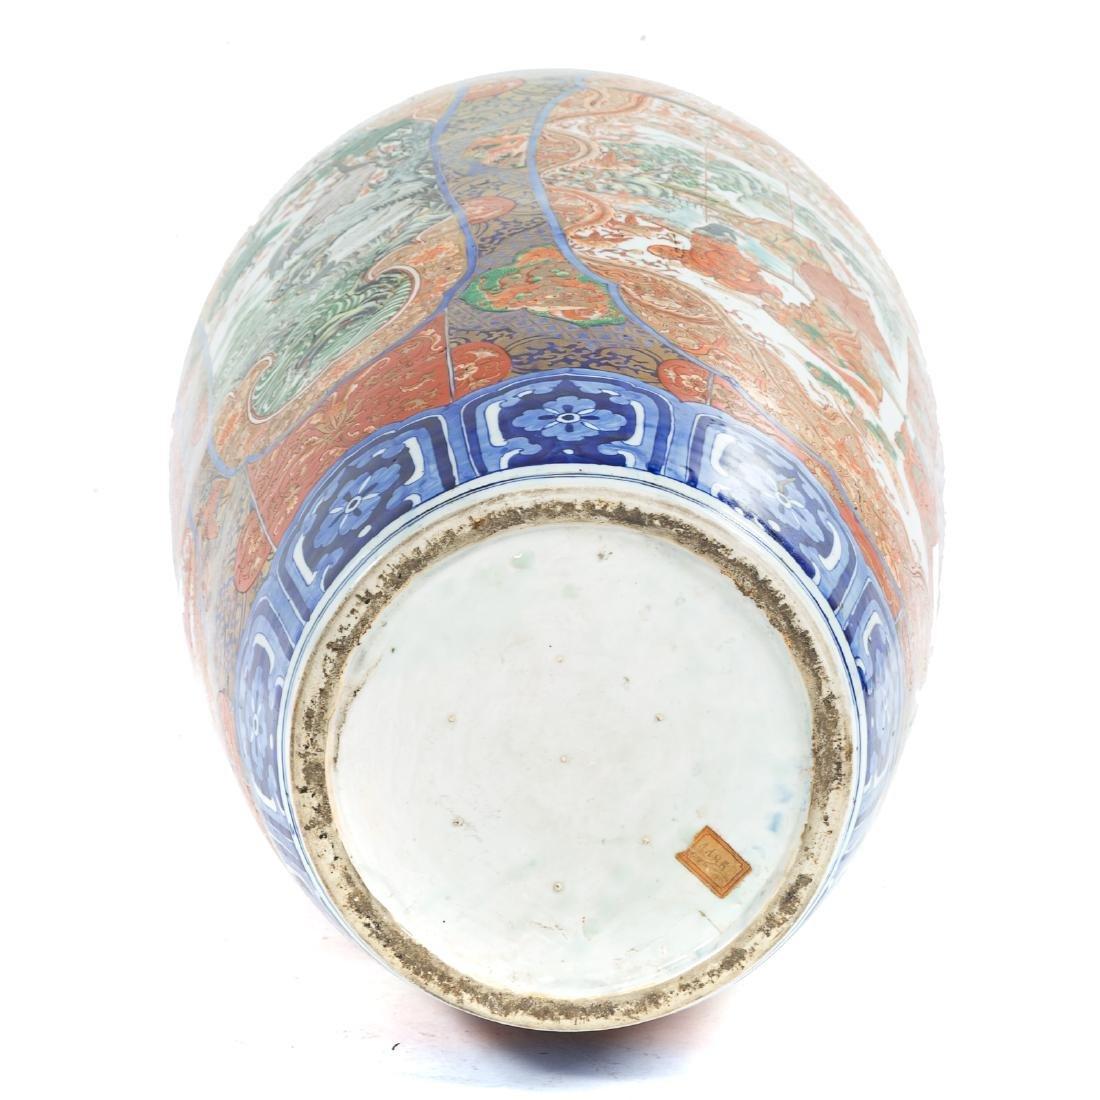 Japanese Imari porcelain monumental palace vase - 11